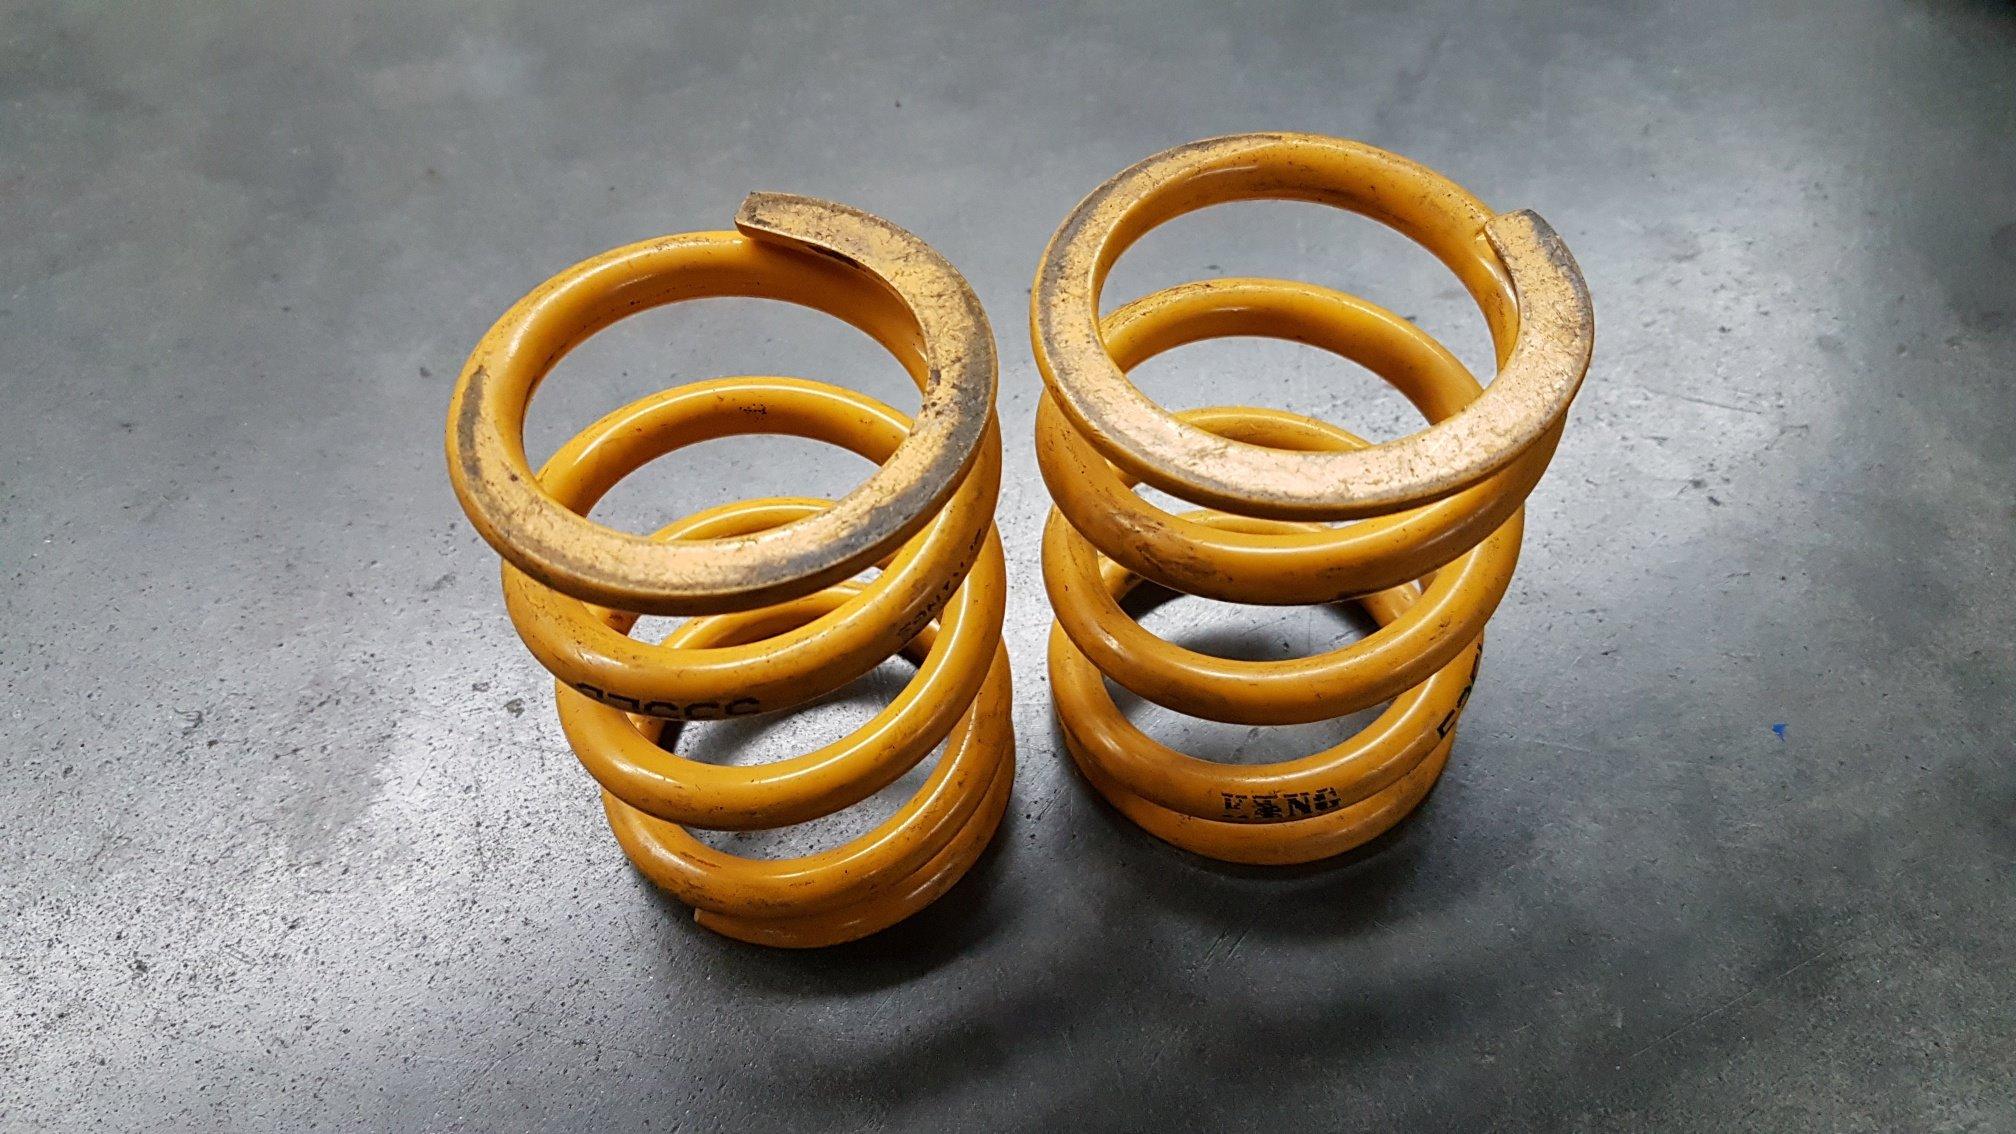 535lbs springs